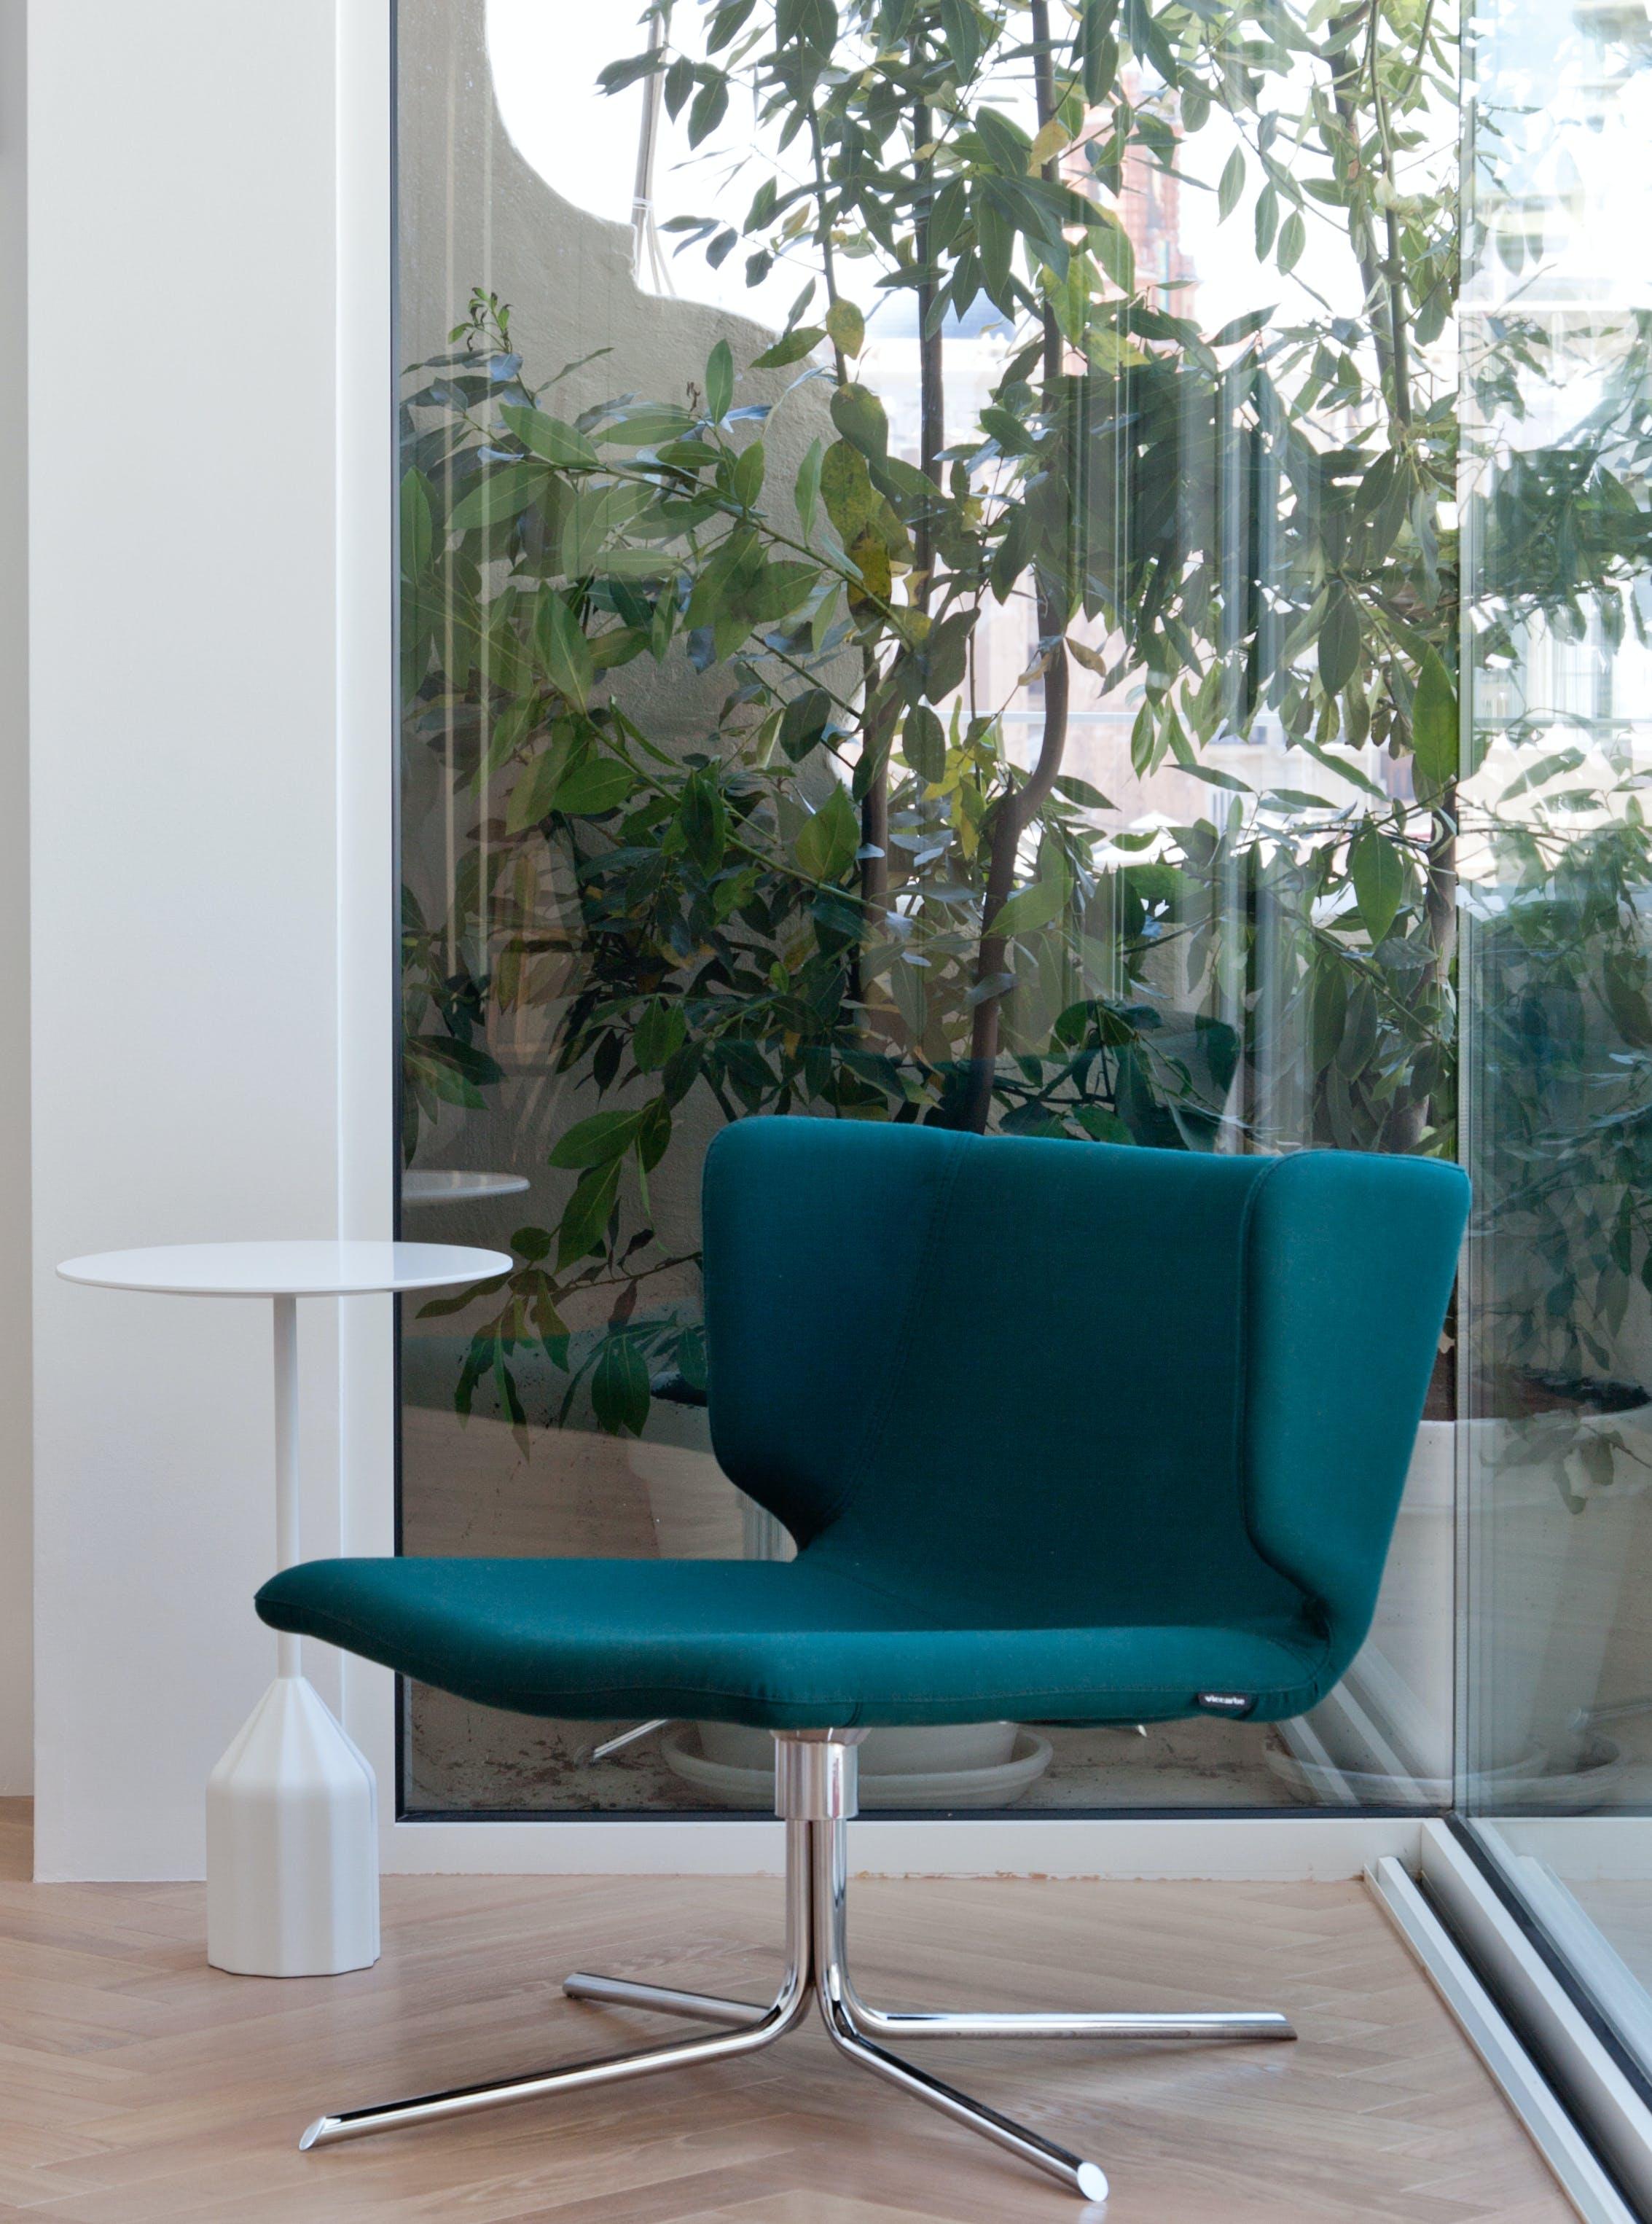 shop viccarbe modern upholstered furniture at haute living